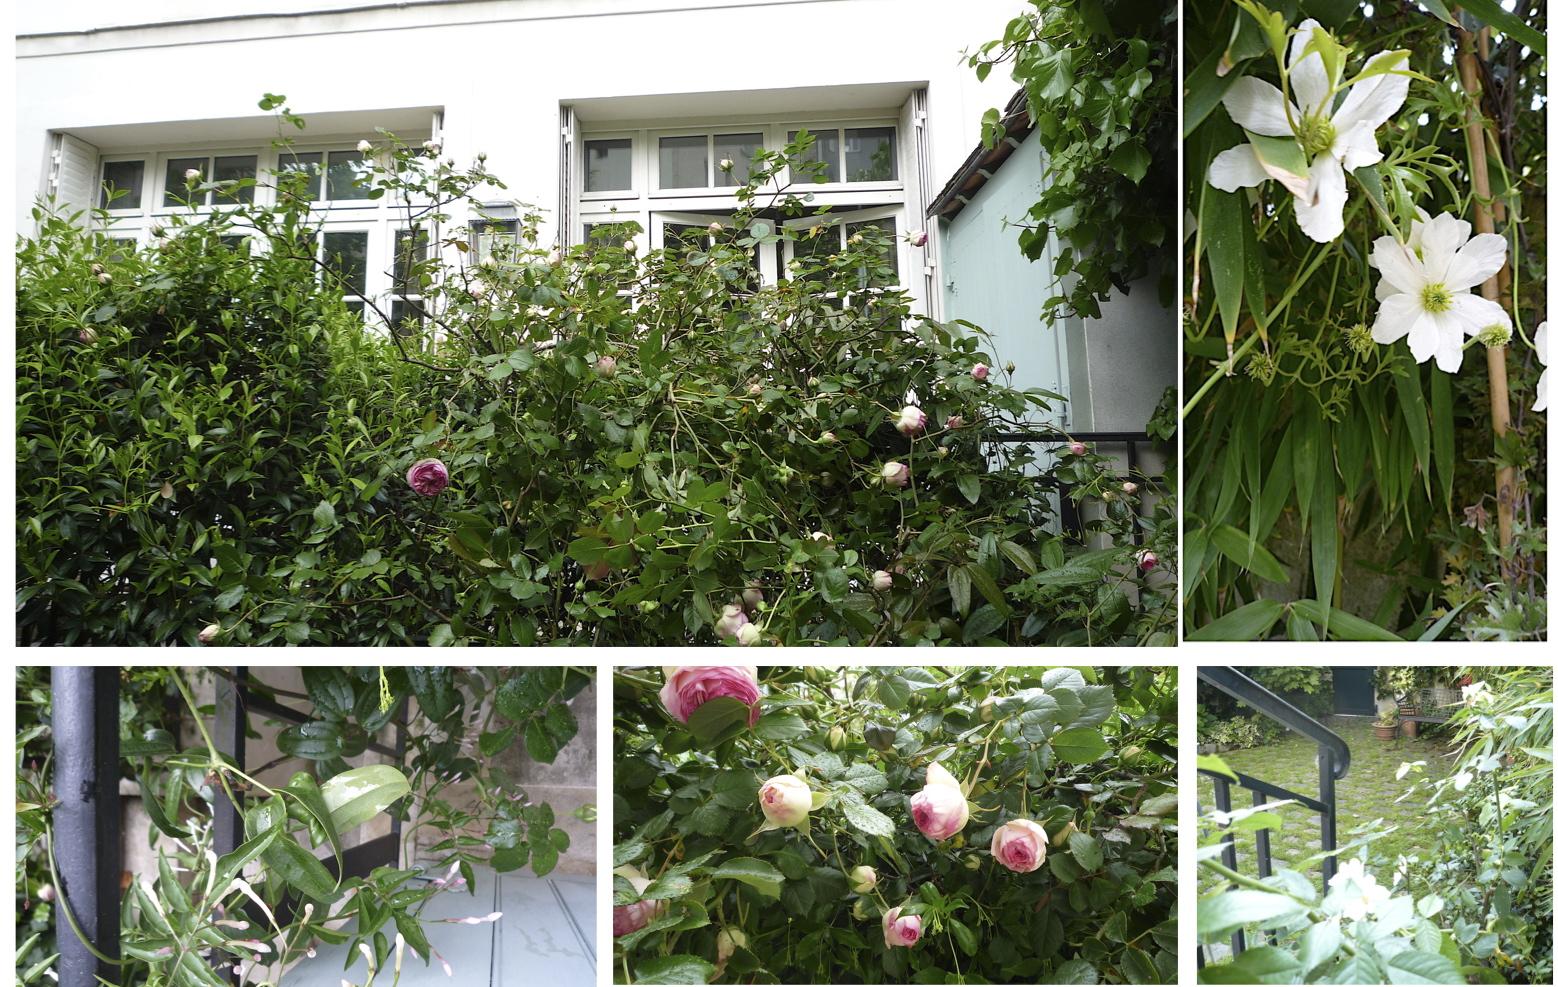 La nature en ville jardins de ville for B b un jardin en ville brussels